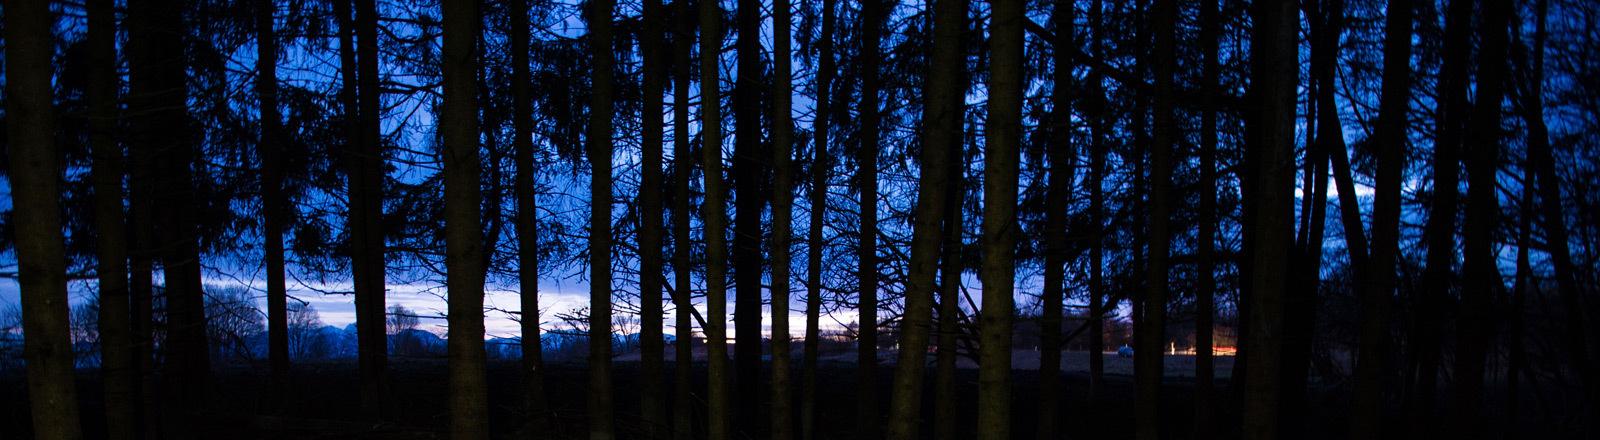 Wald bei Nacht.